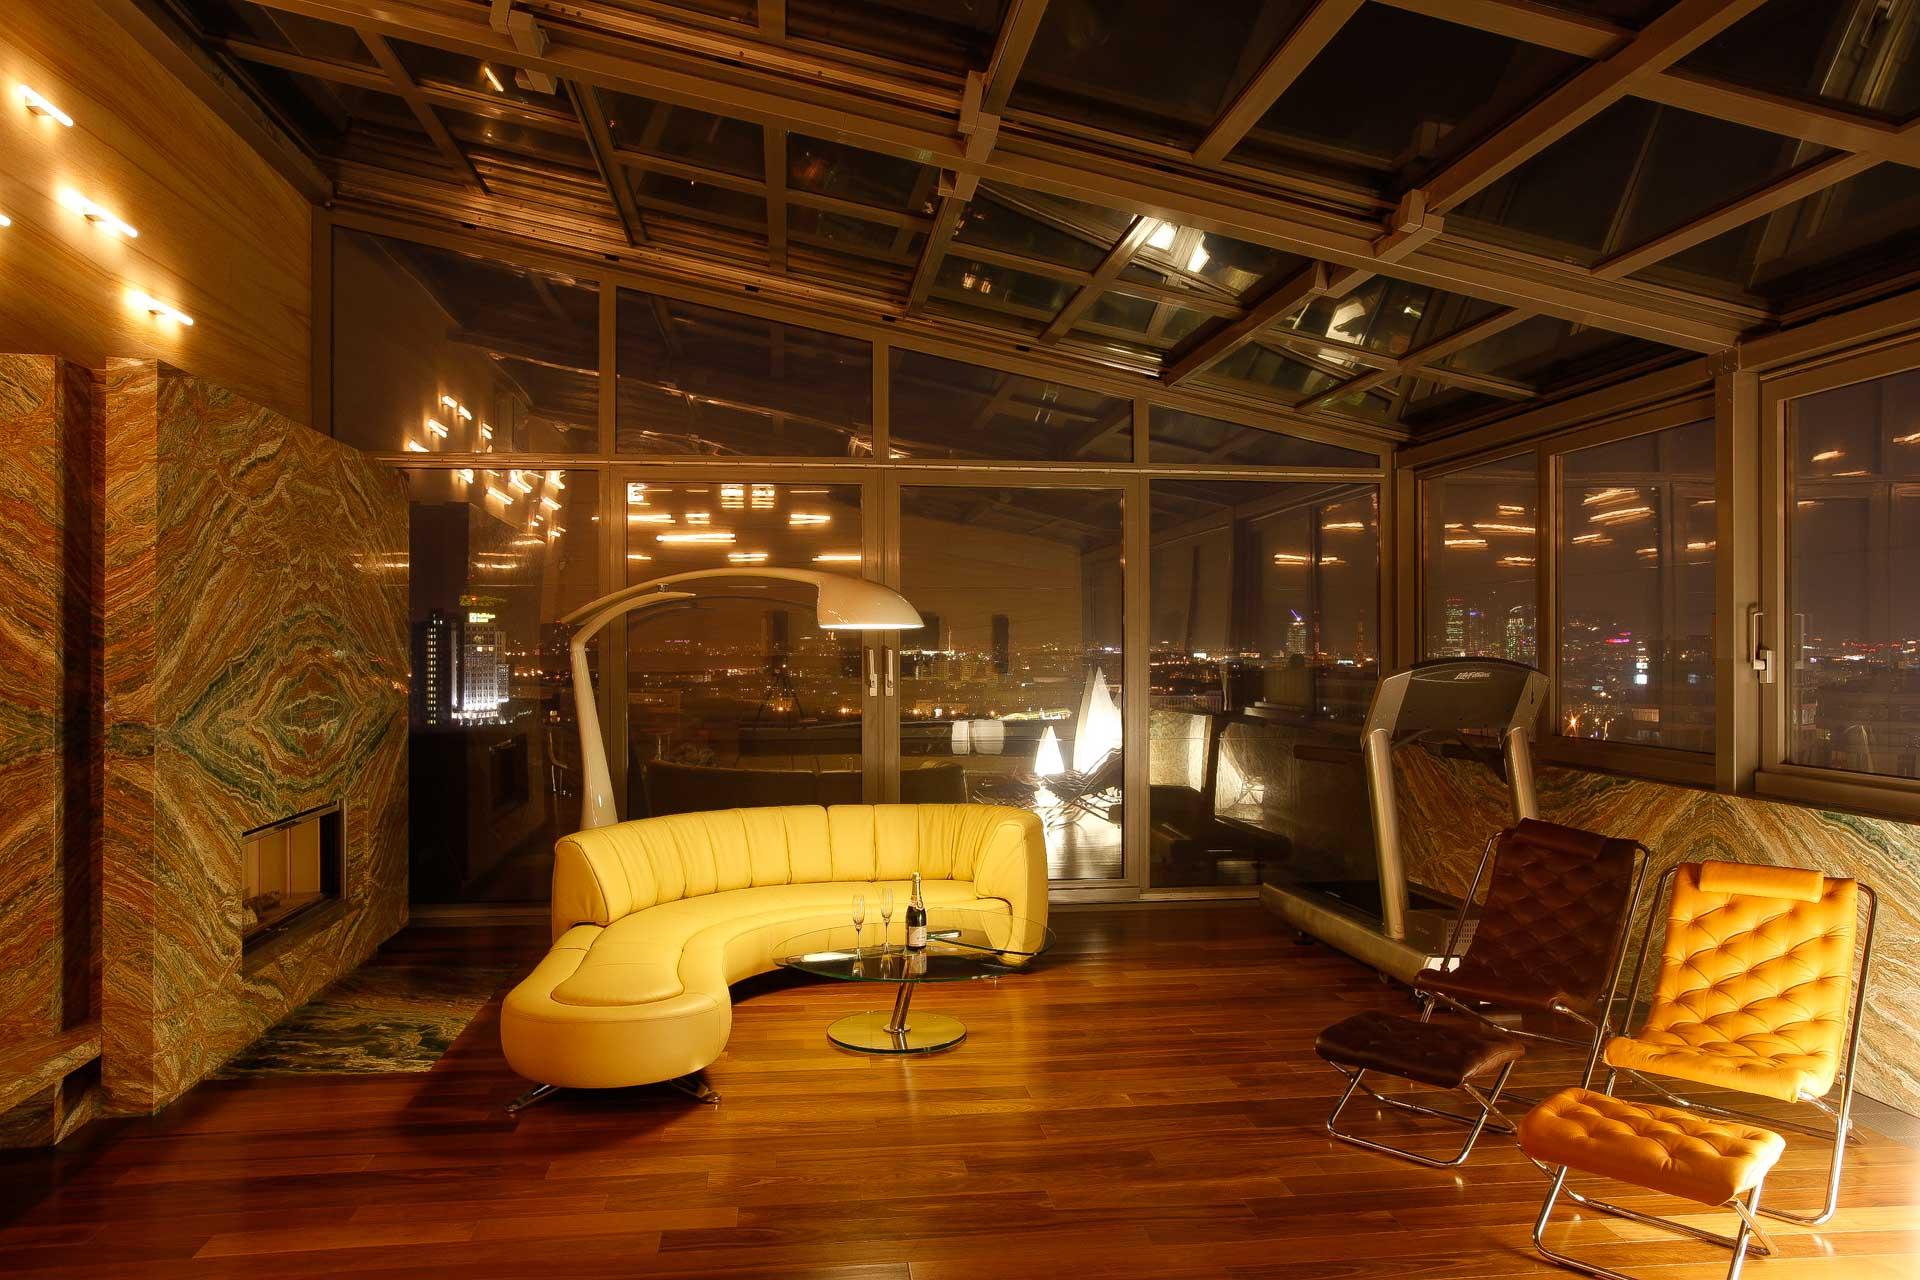 OpenAir-Schiebedach 4 teilig in Wintergarten in Moskau (Objekt 1. Wohn-Wintergarten mit 4-teiligem OpenAir-Schiebedach und elektrochmen Gläsern zur Steuerung von Durchsicht und Sonnenschutz auf der Dachterrasse eines Moskauer Hochhauses